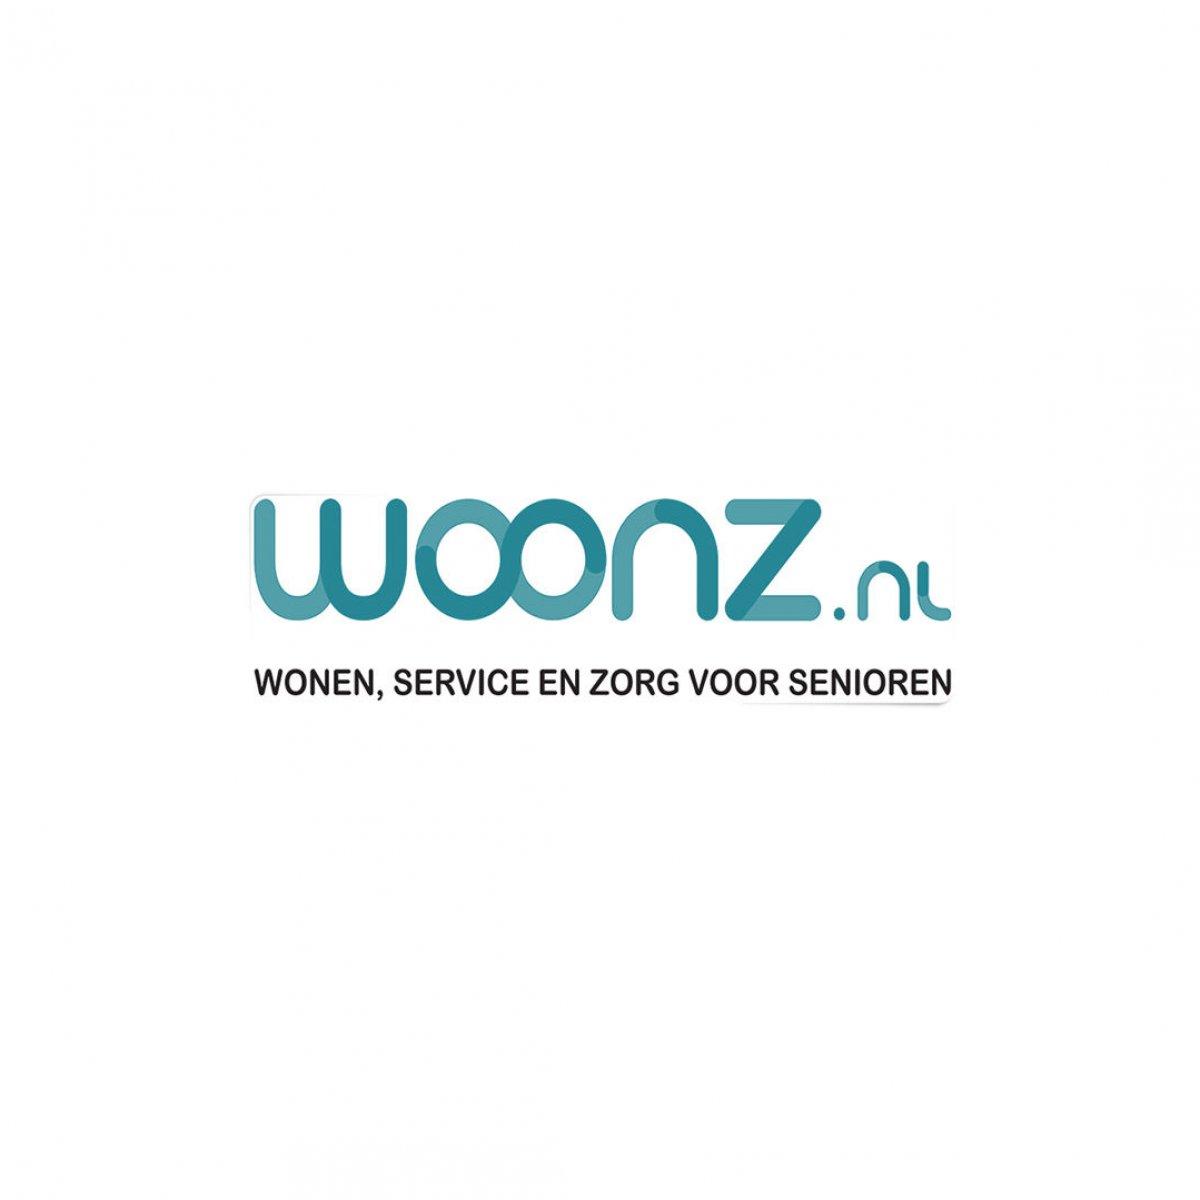 woonz.nl